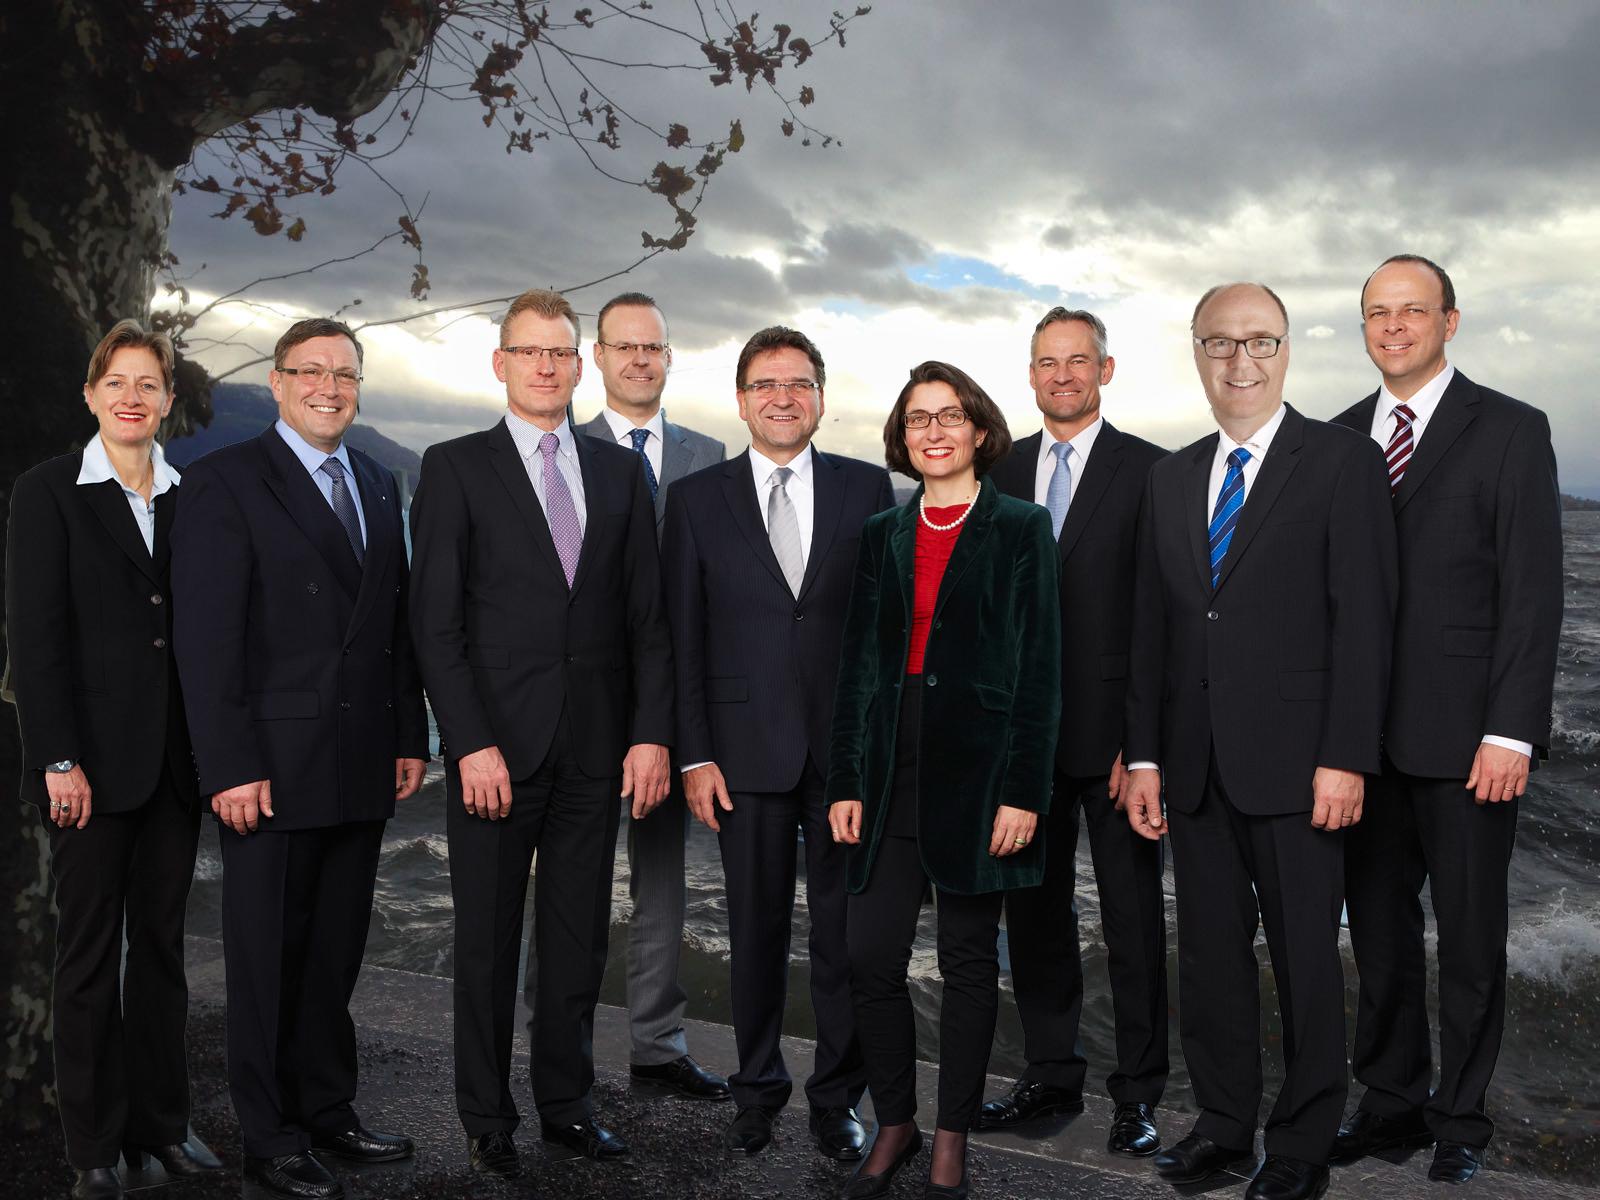 Diese Woche wird das neue Zuger Regierungsratsbild veröffentlicht. Ob es so aussehen wird?